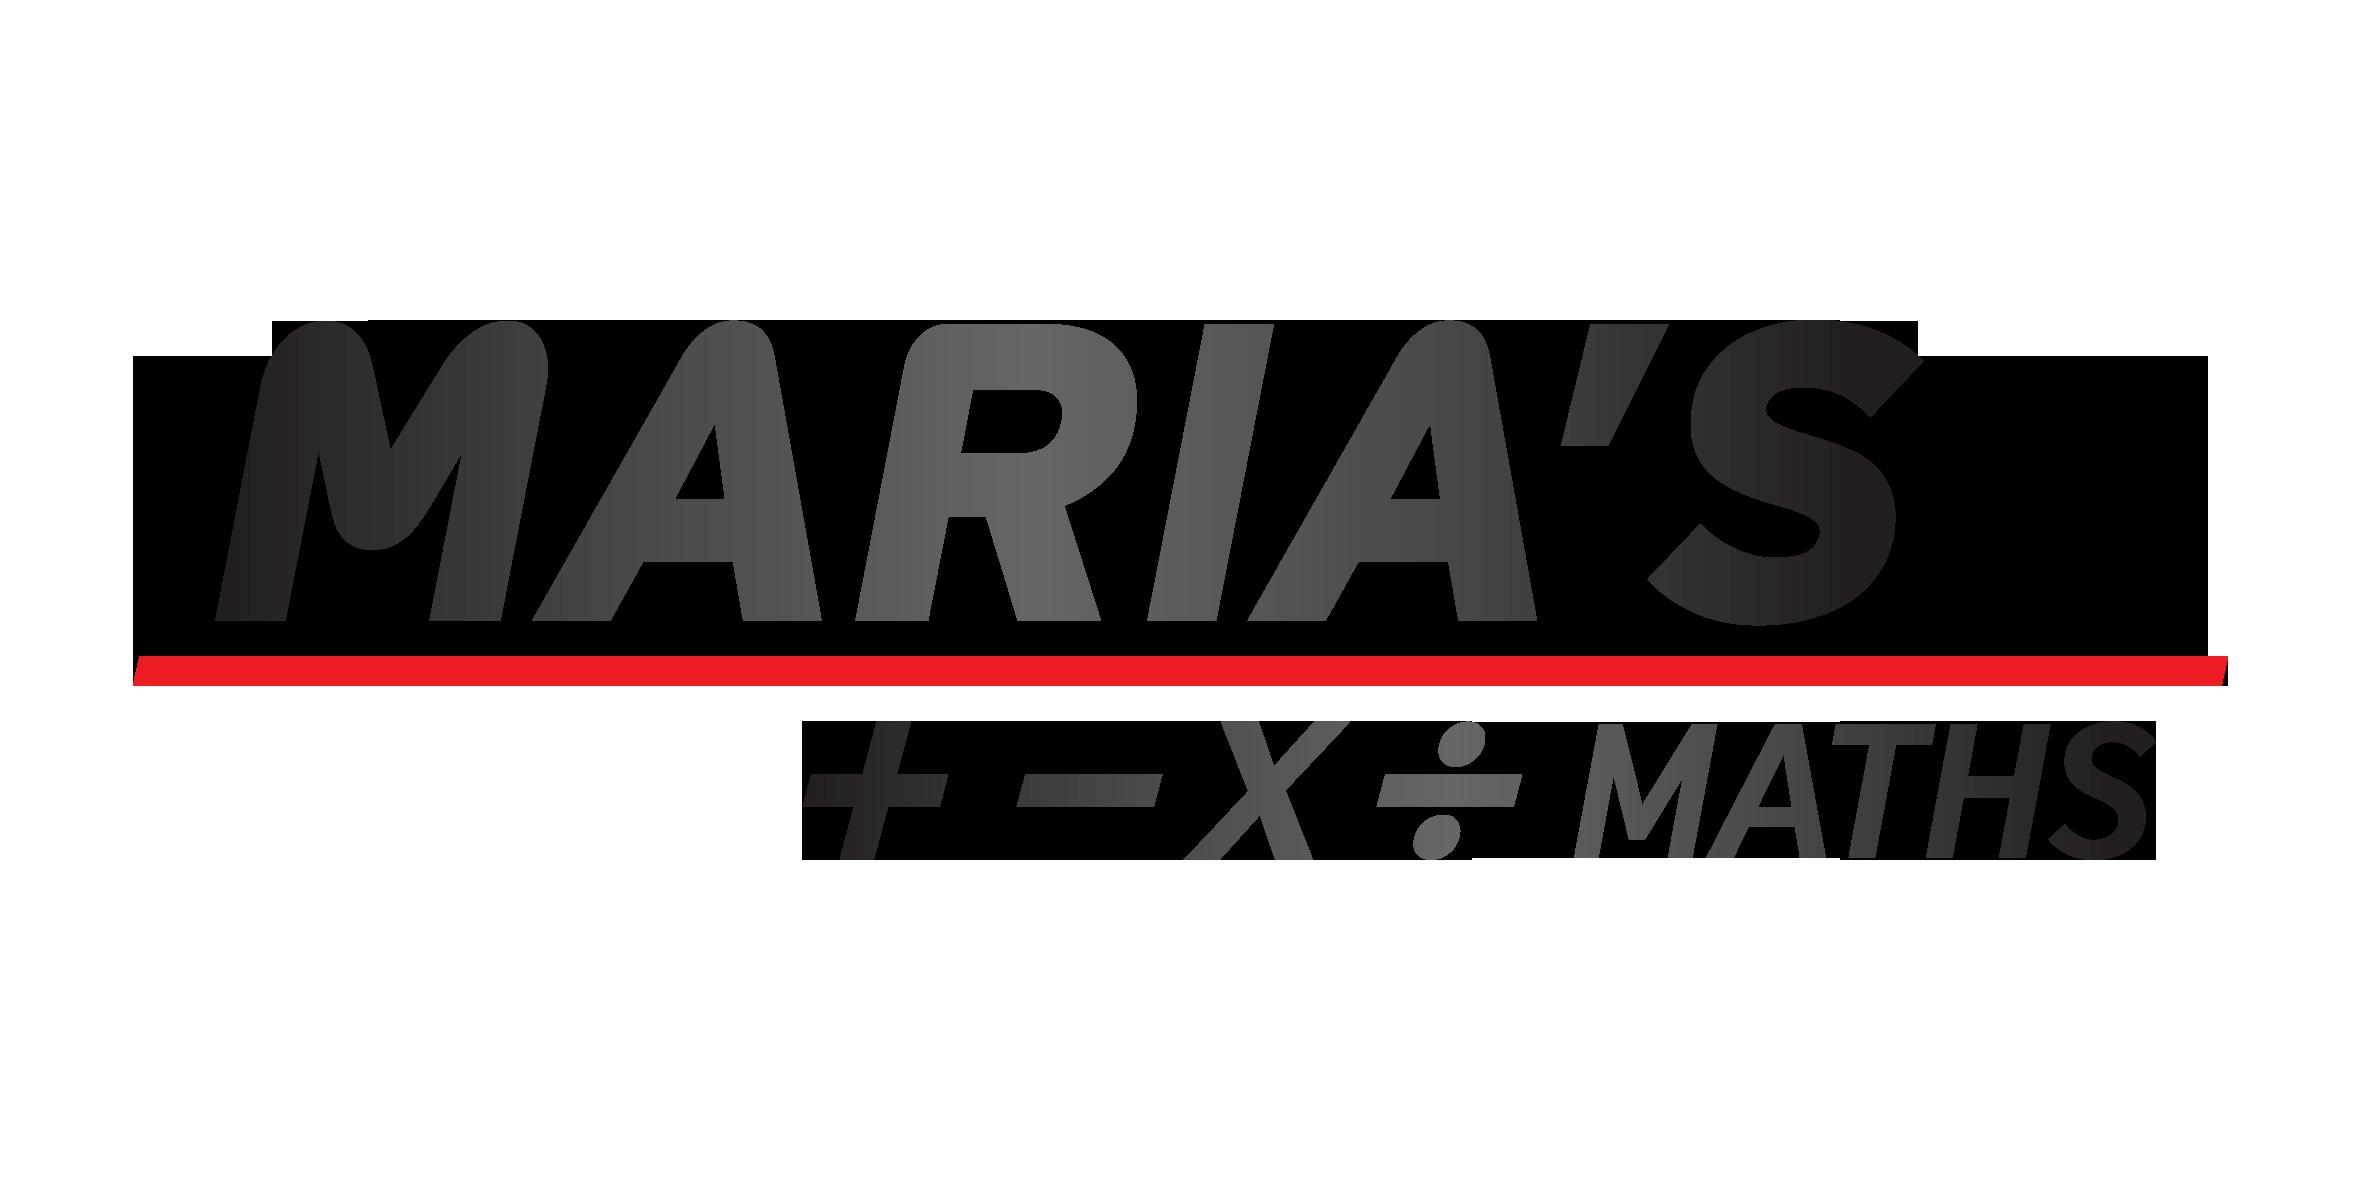 Marias Maths